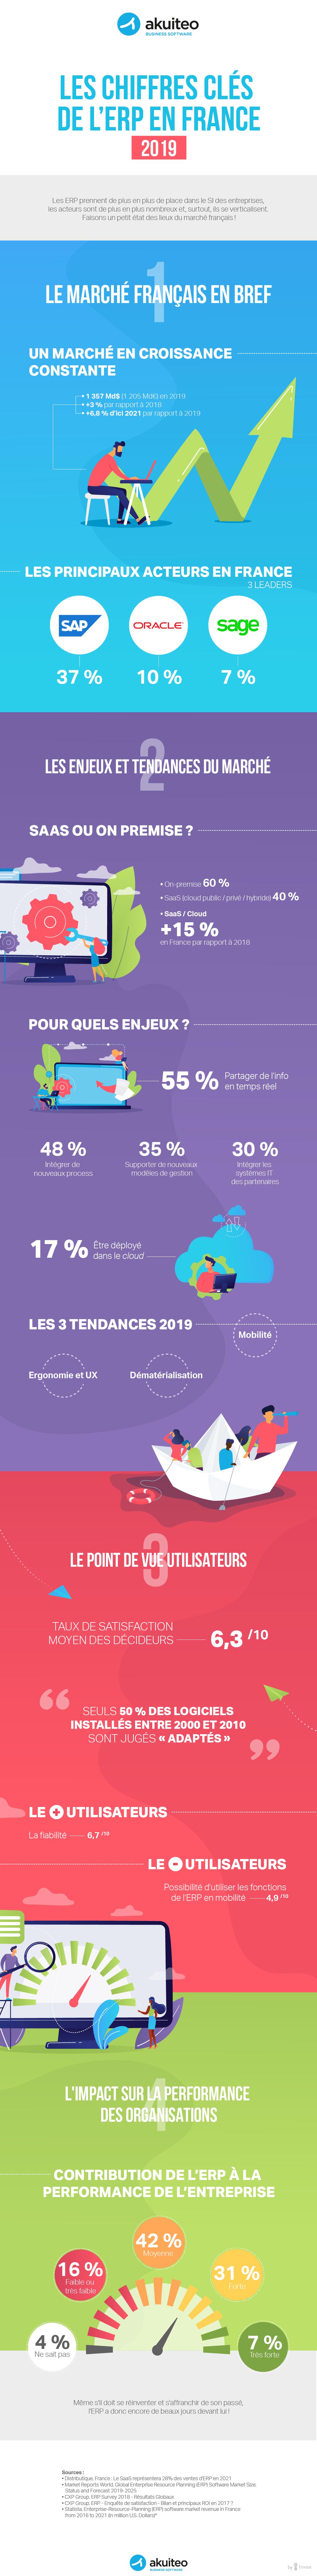 Les chiffres du marché de l'ERP 2019